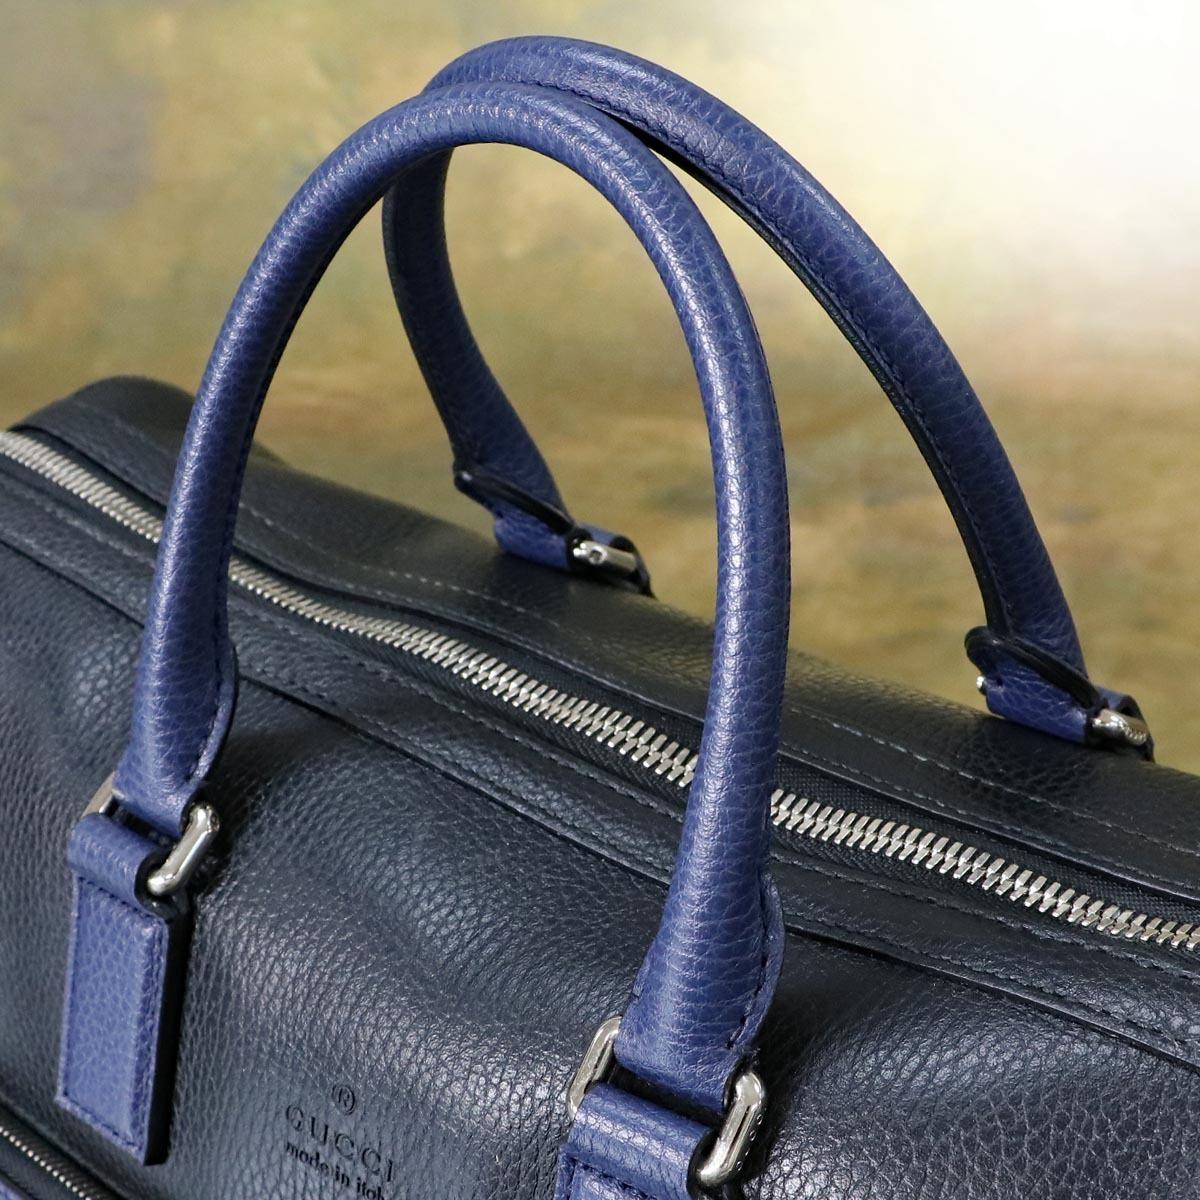 本物 極上品 グッチ 最高級トリヨンレザー コスモポリス 2WAYメンズビジネスバッグ A4書類ブリーフケース トートバッグ 袋 冊子付 GUCCI_画像5